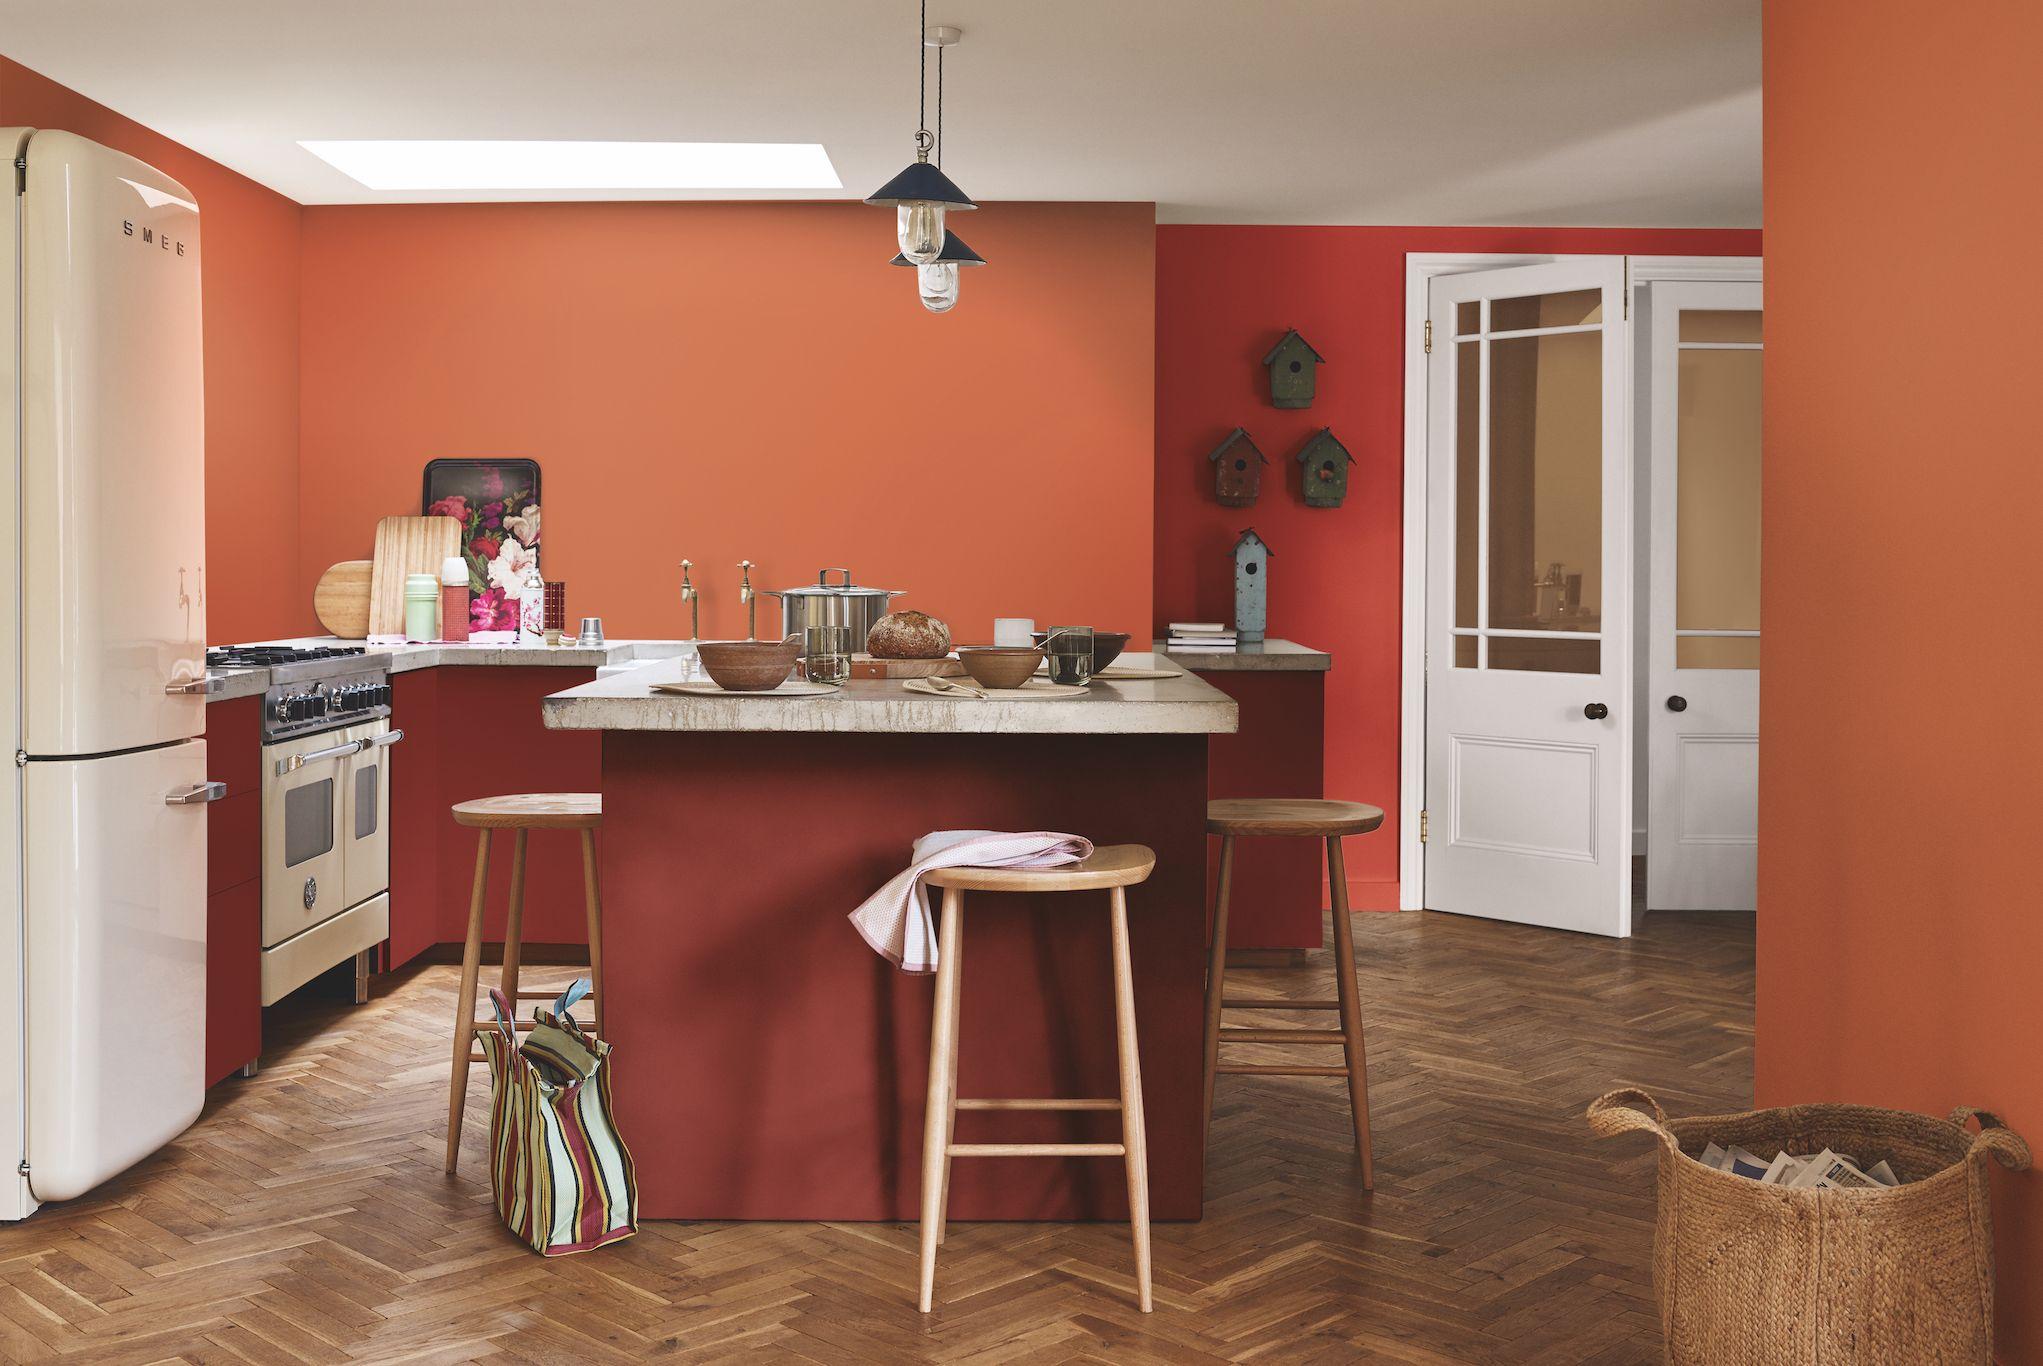 Dulux paint colour palettes - 2019 - a space to love